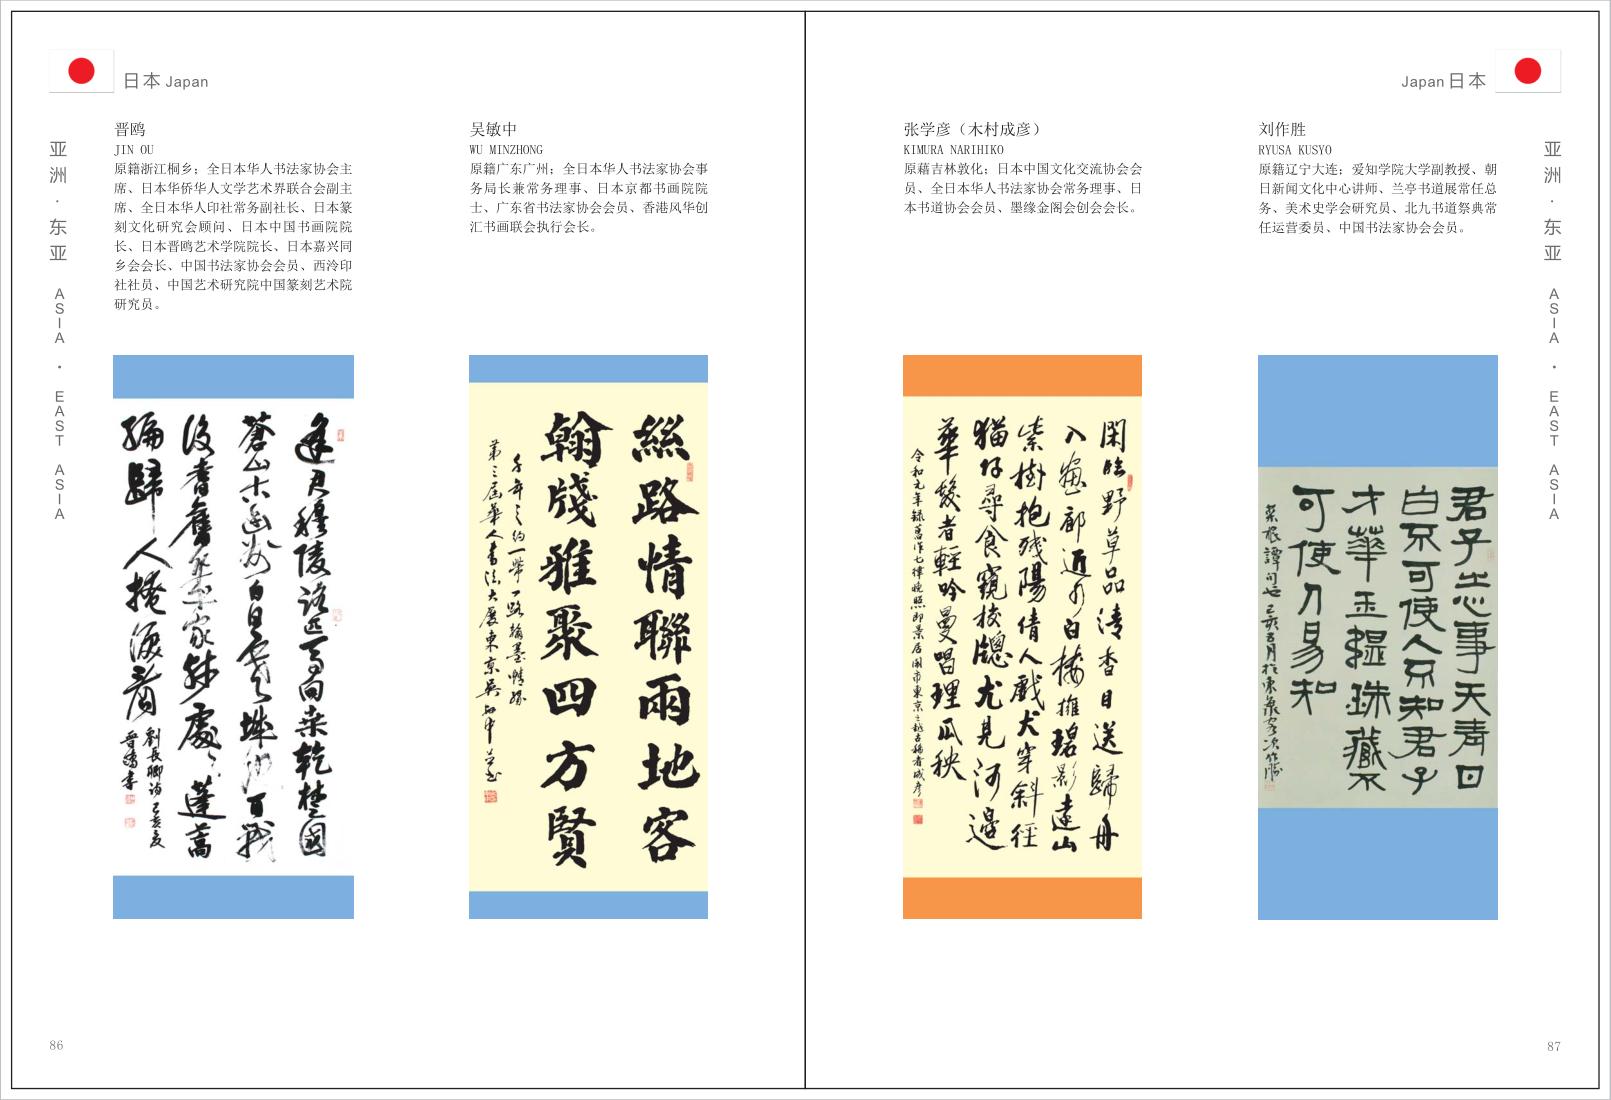 191页2_45.png